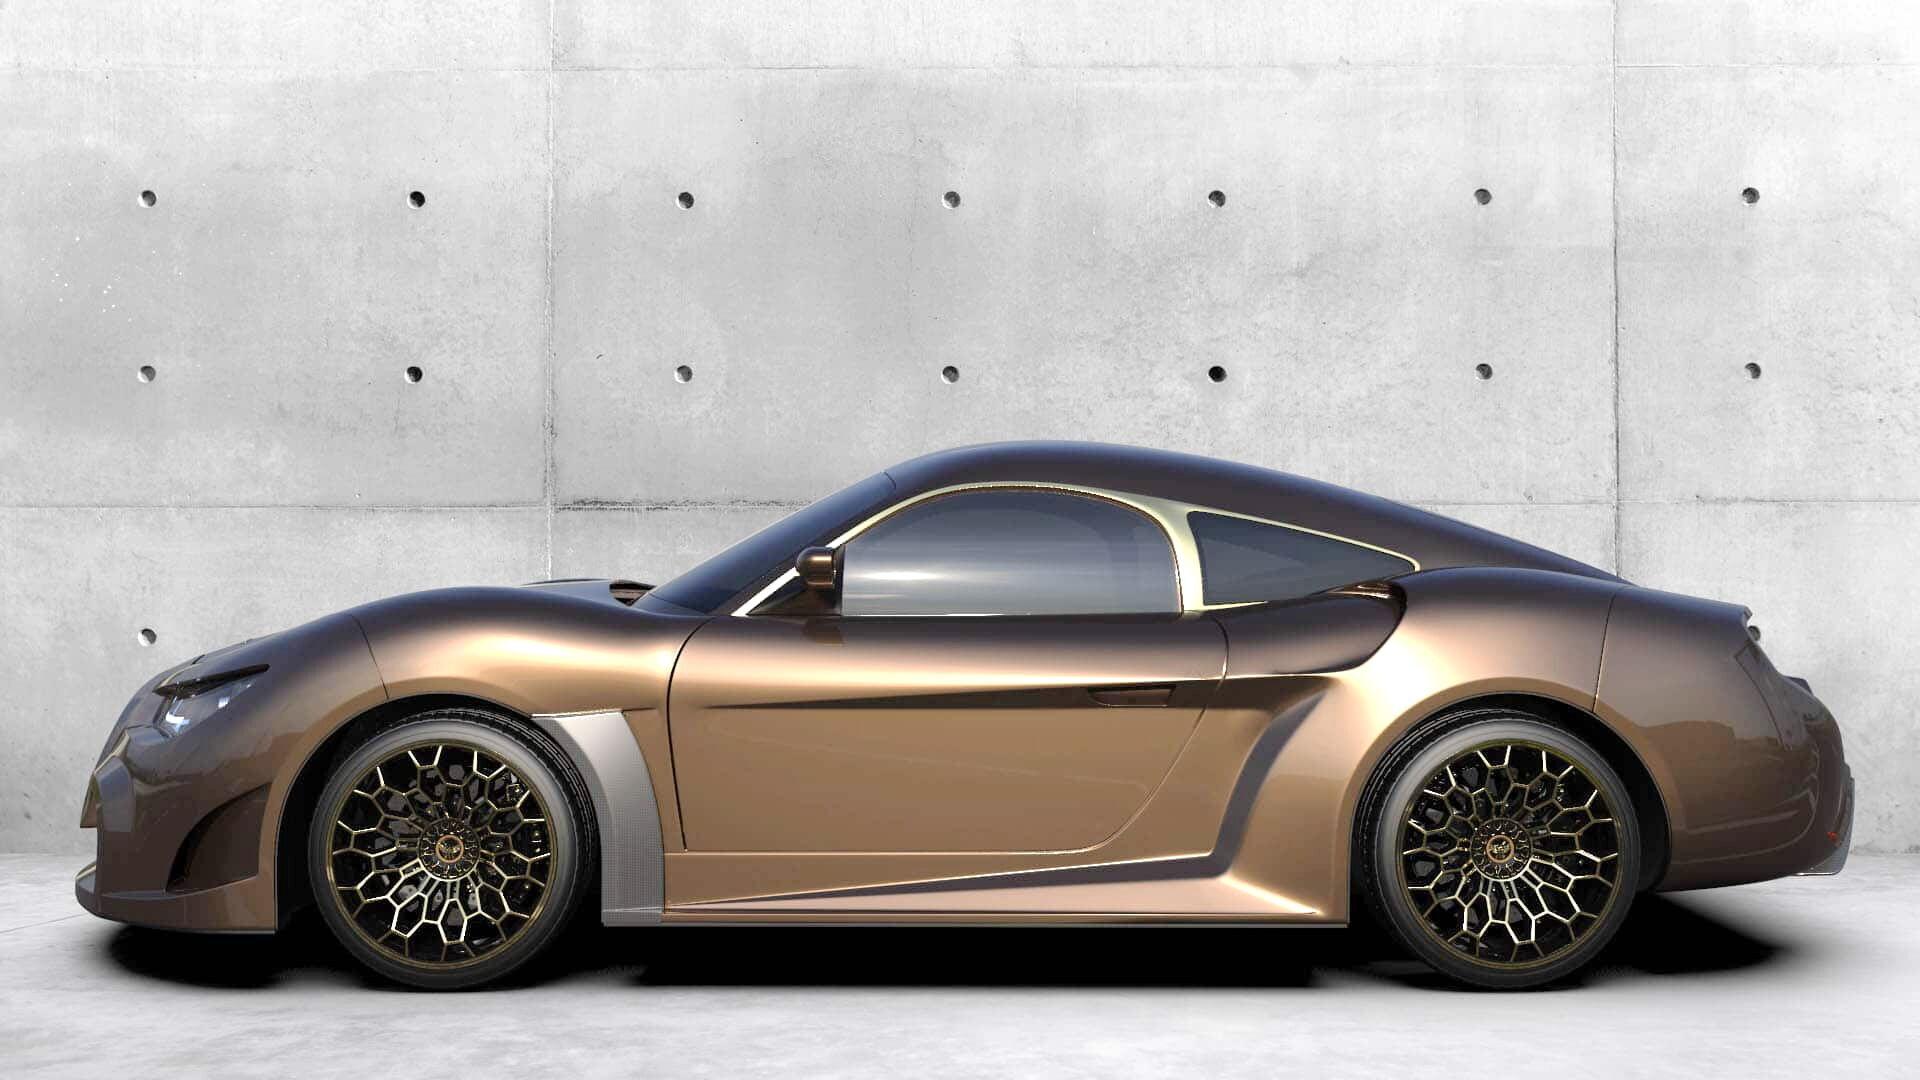 Компактный двухместный спорткар имеет самобытный внешний вид